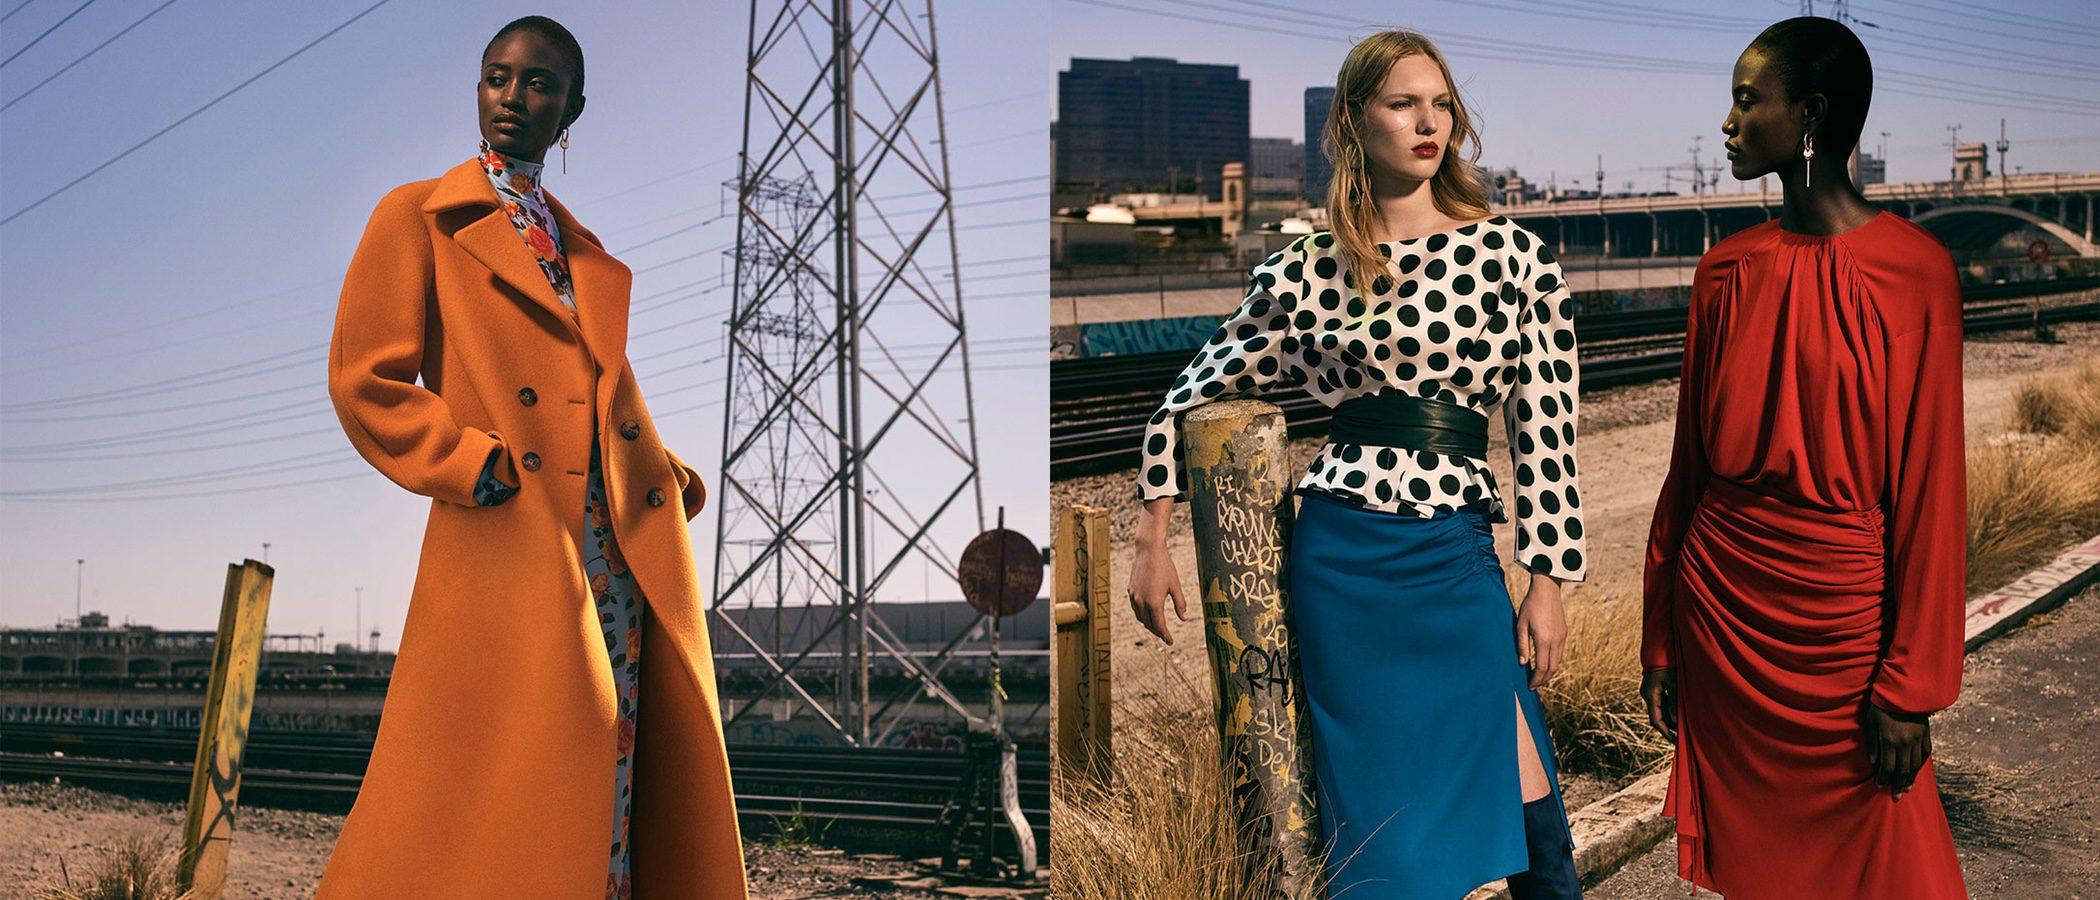 Zara presenta su colección prefall 2017/2018, digna de las firmas de lujo